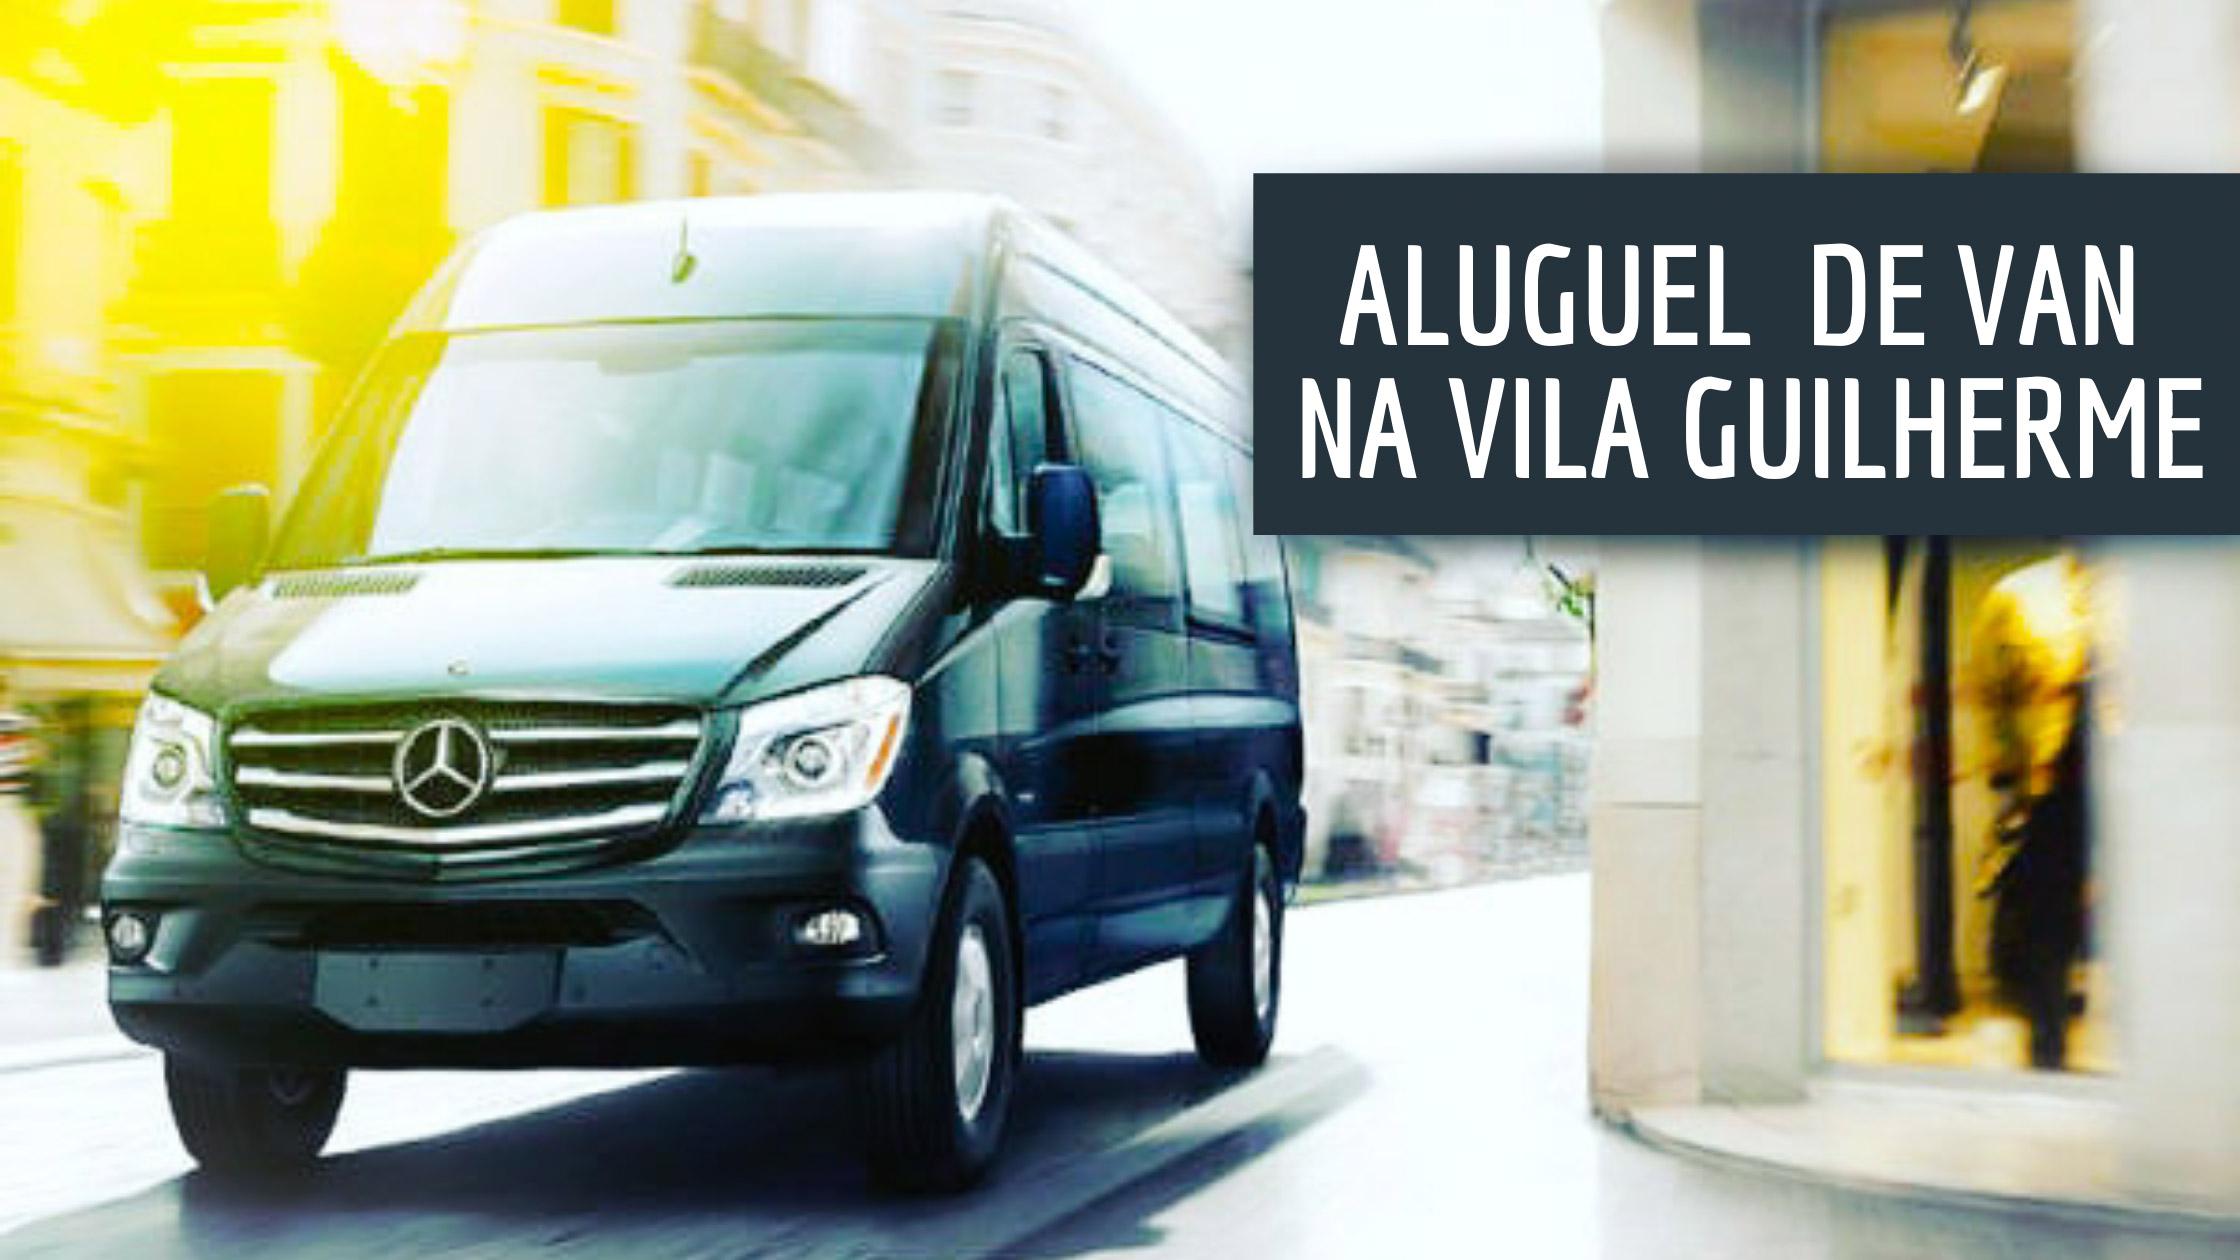 Aluguel-de-van-na-Vila-Guilherme-Aluguel-de-van-sp